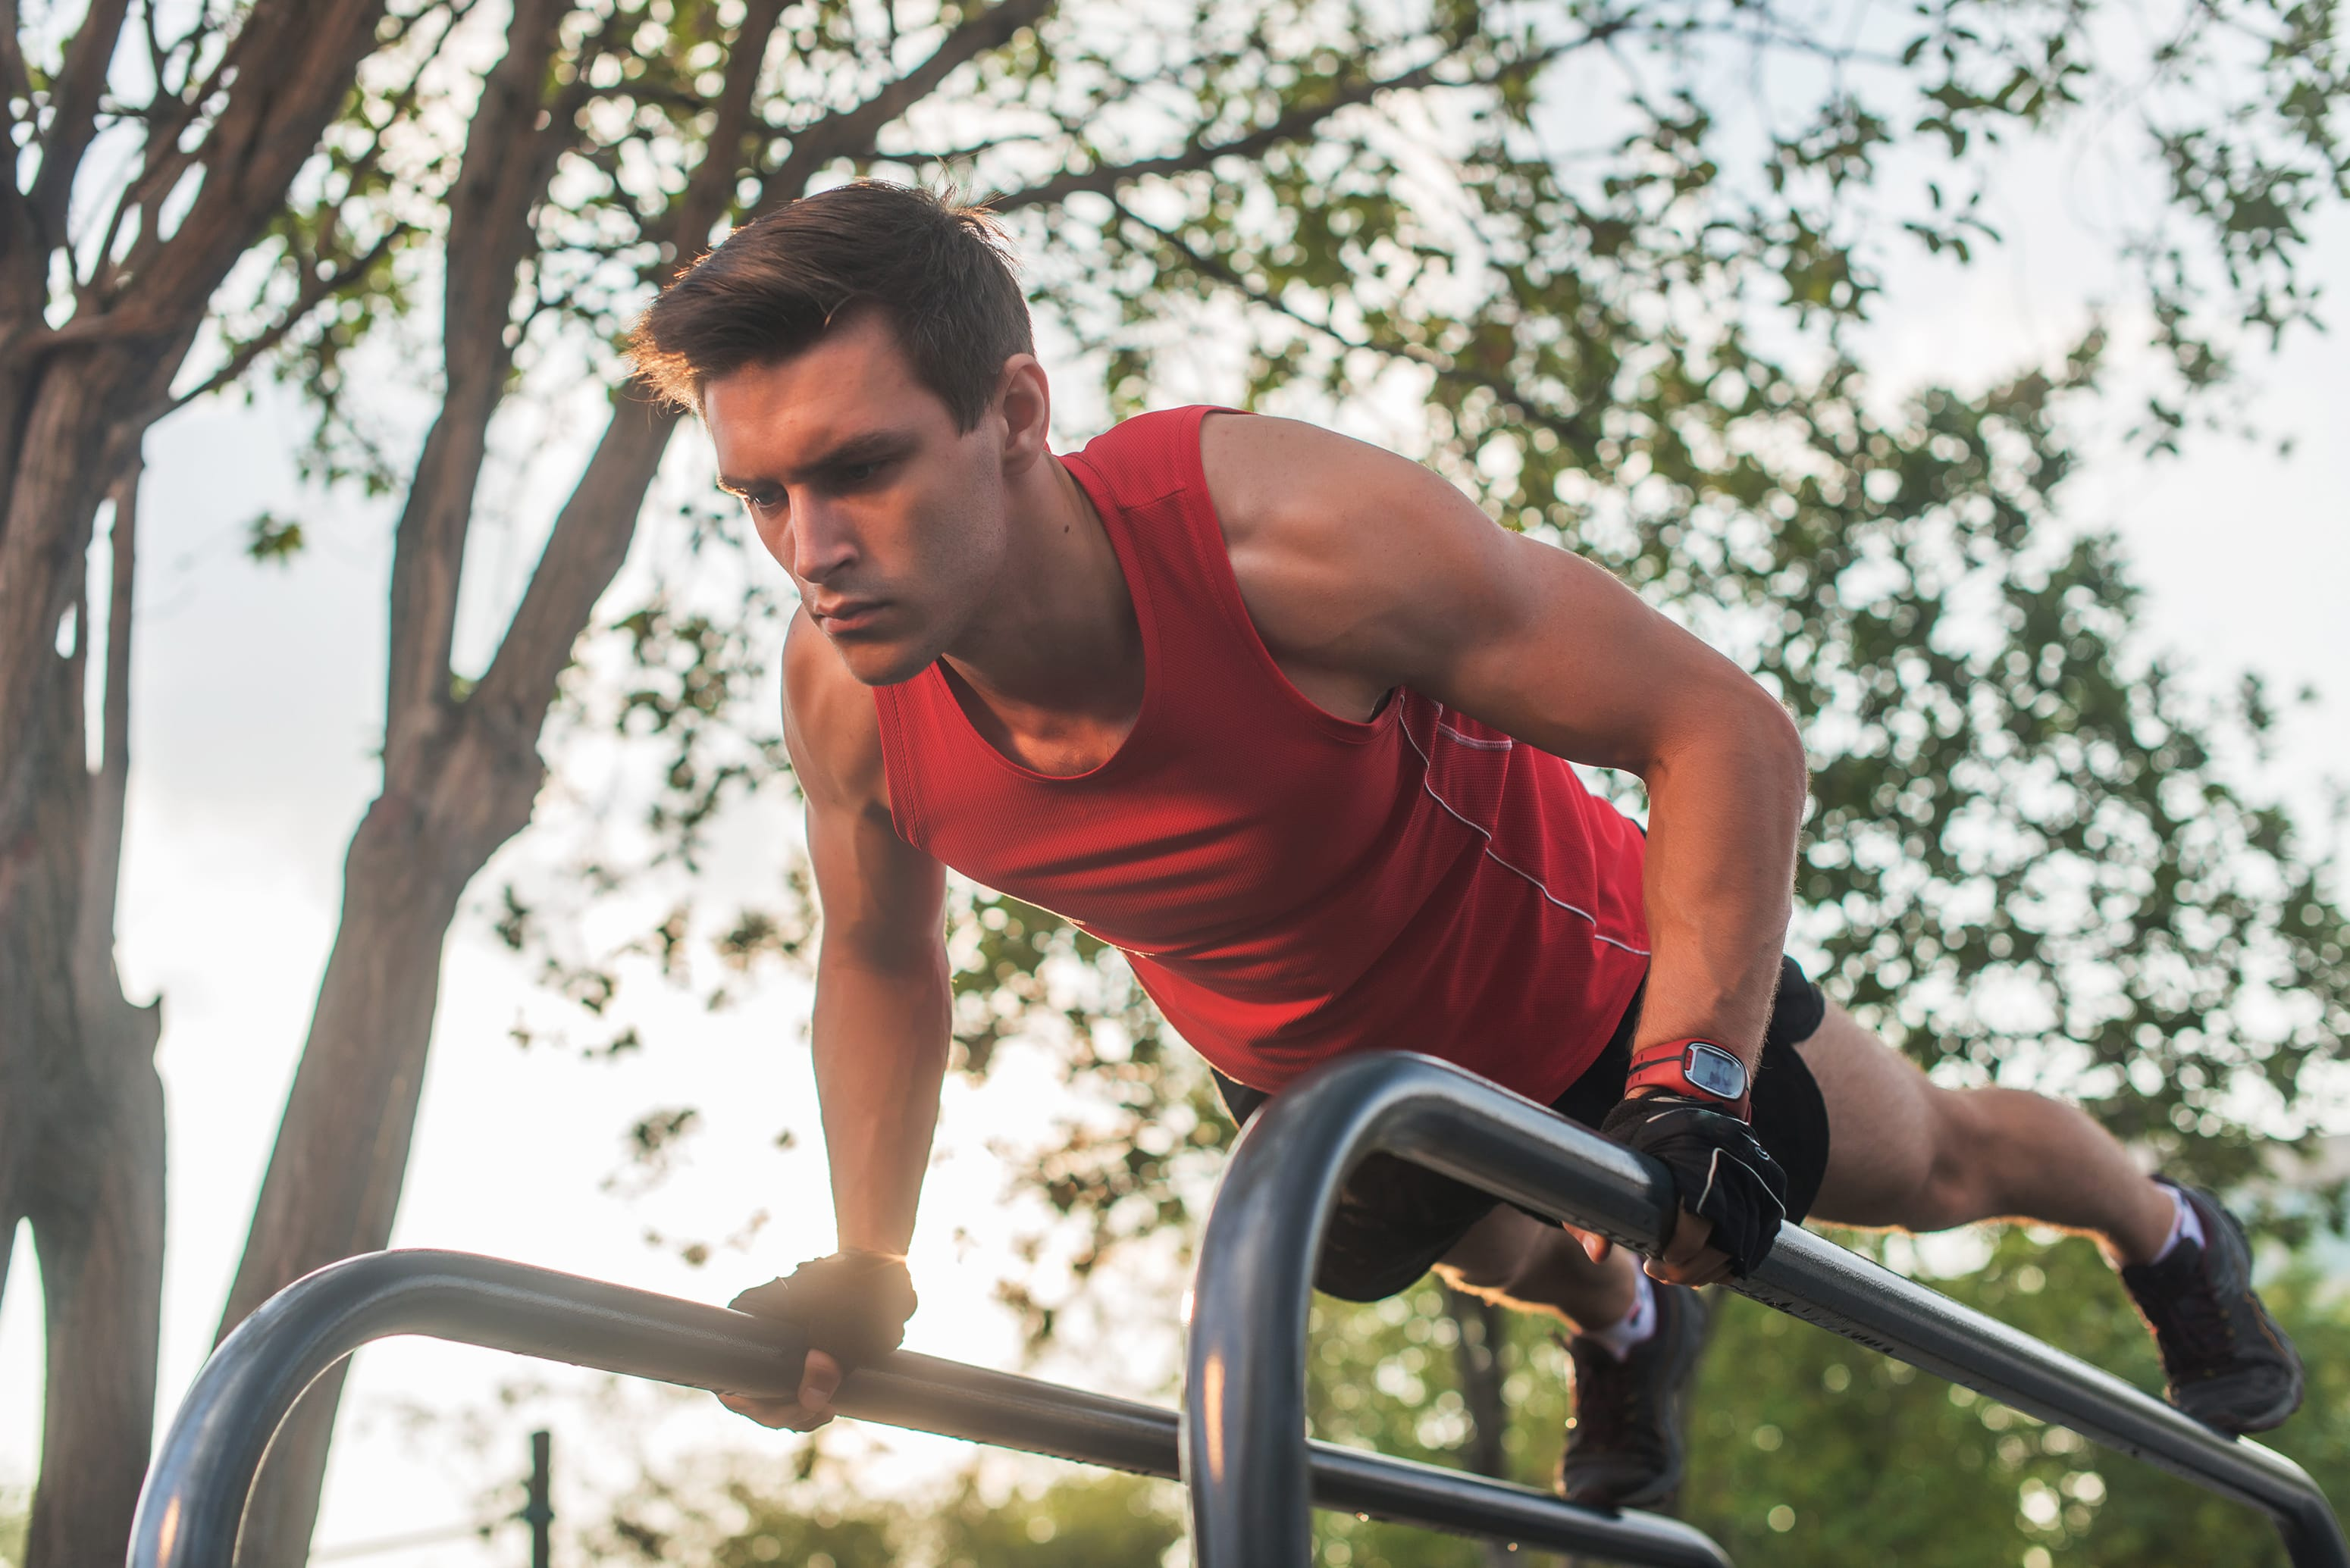 Street workout i kalistenika – ćwiczenia dla początkujących. Zmierz się z siłą własnych mięśni